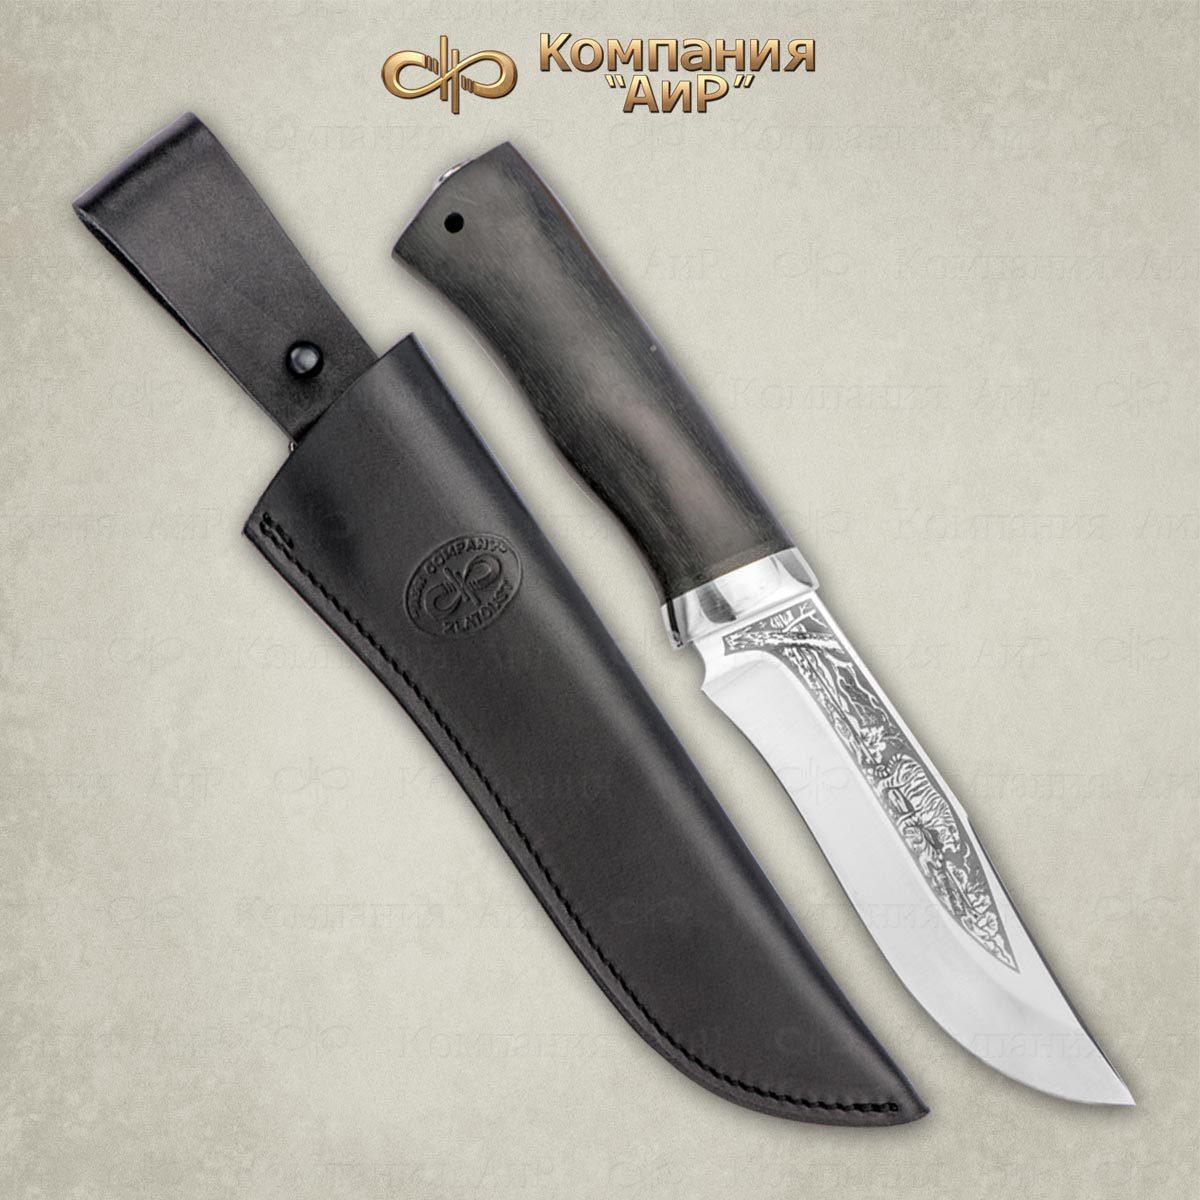 Нож разделочный АиР Клычок-3, сталь М390, рукоять граб